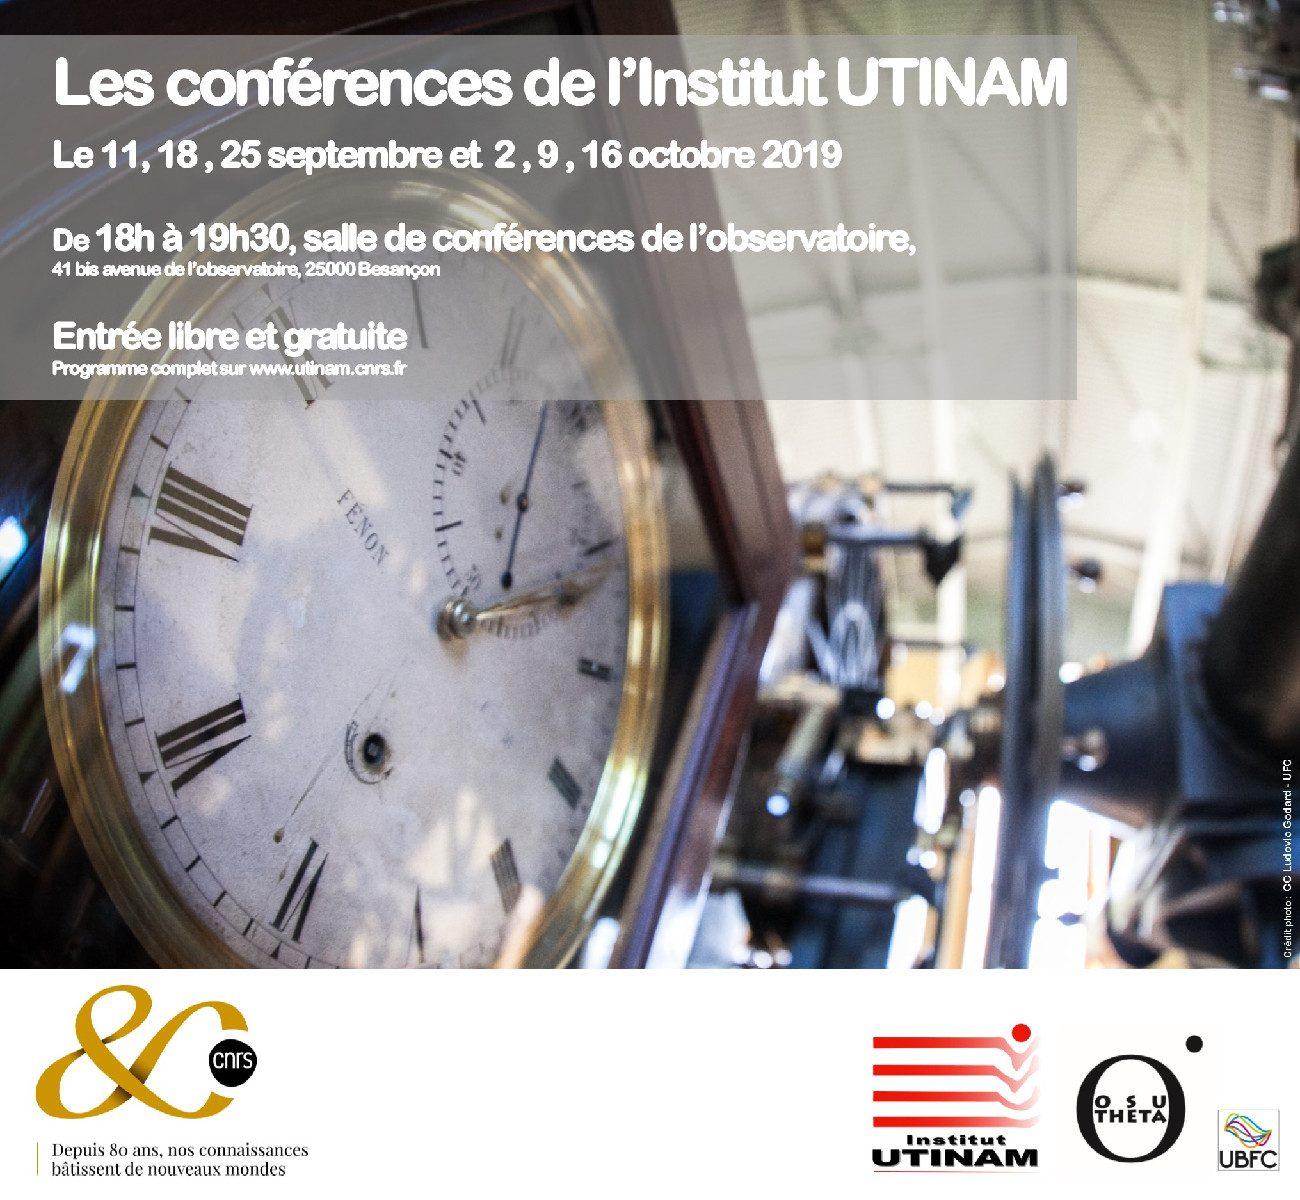 Les conférences de l'institut UTINAM